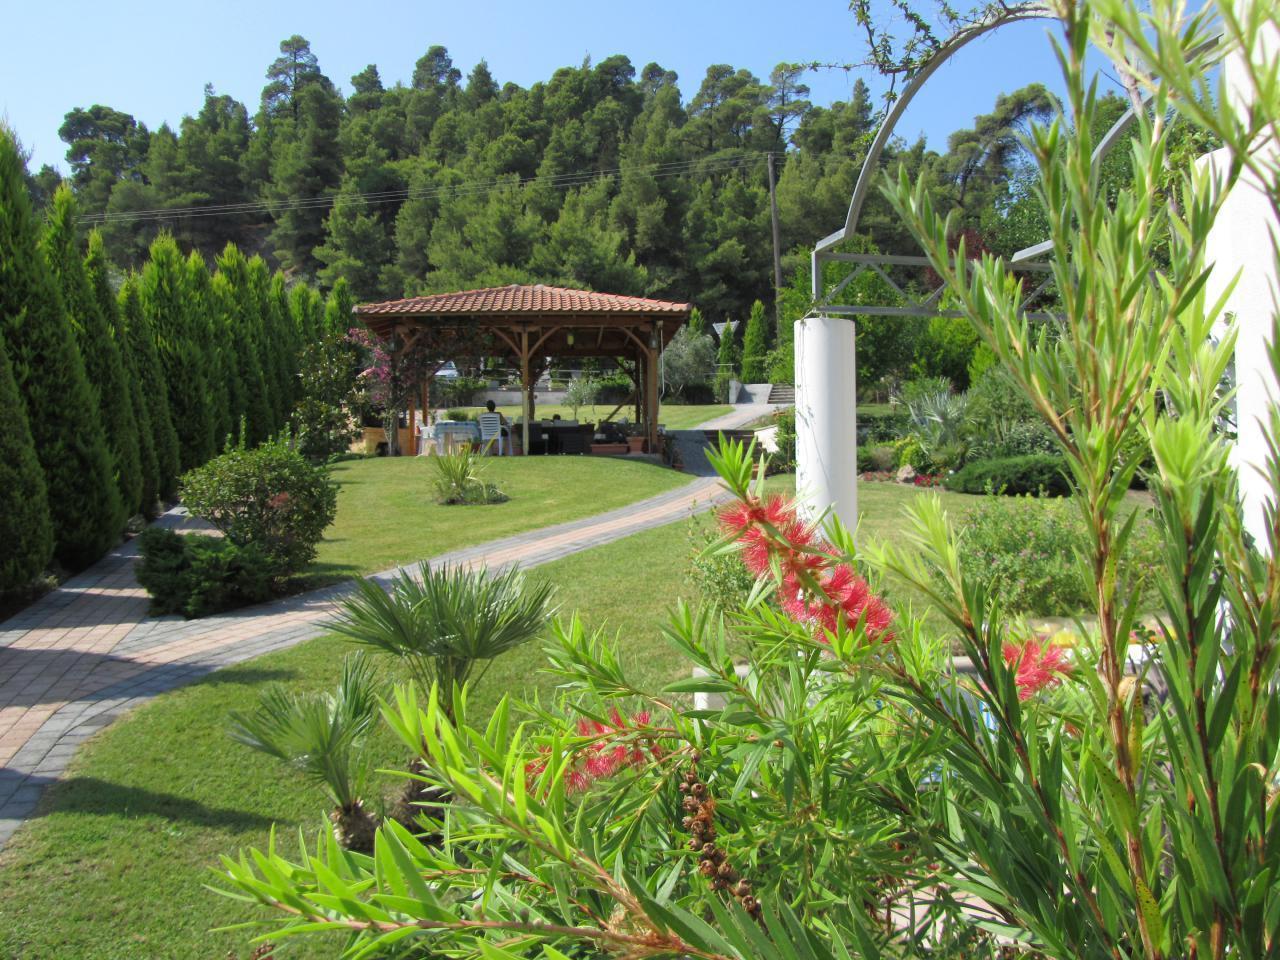 Ferienwohnung 'Sun Residence' Luxusdomizil mit exlusiven Appartements in Polichrono/Chalkidiki Ruhe  Erh (2069050), Polichrono, Chalkidiki, Makedonien, Griechenland, Bild 29